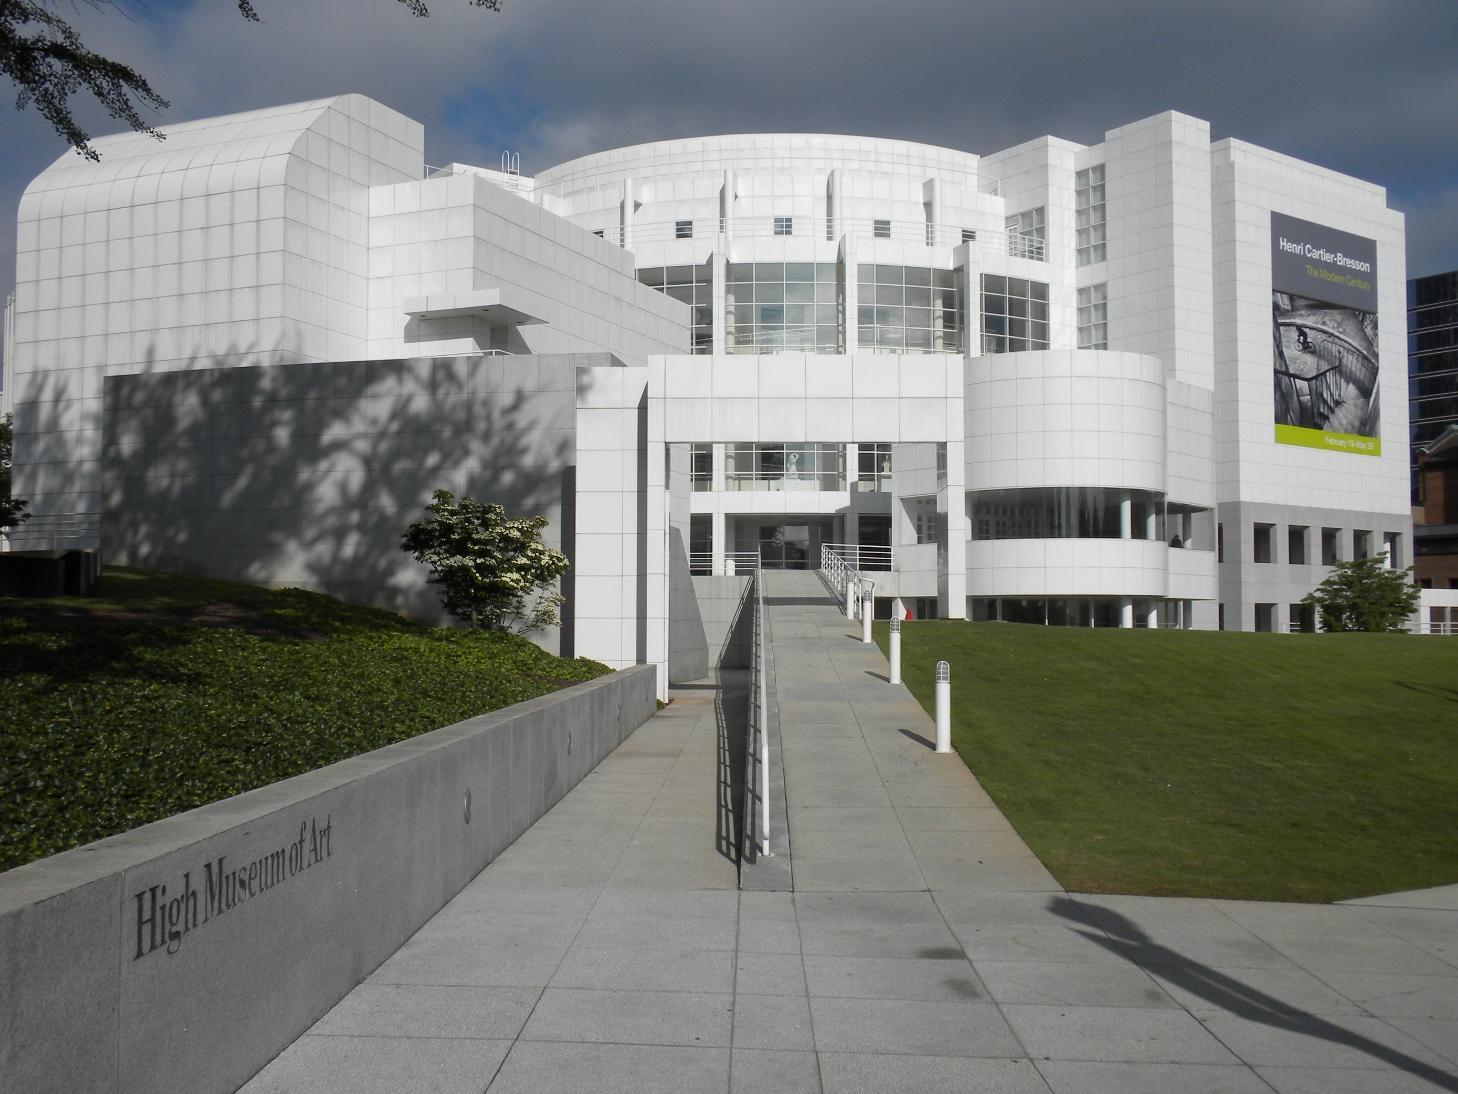 High Museum of Art, Atlanta, Atlanta, GA. K likes. Official Facebook page for the High Museum of Art in Atlanta, GA/5(K).